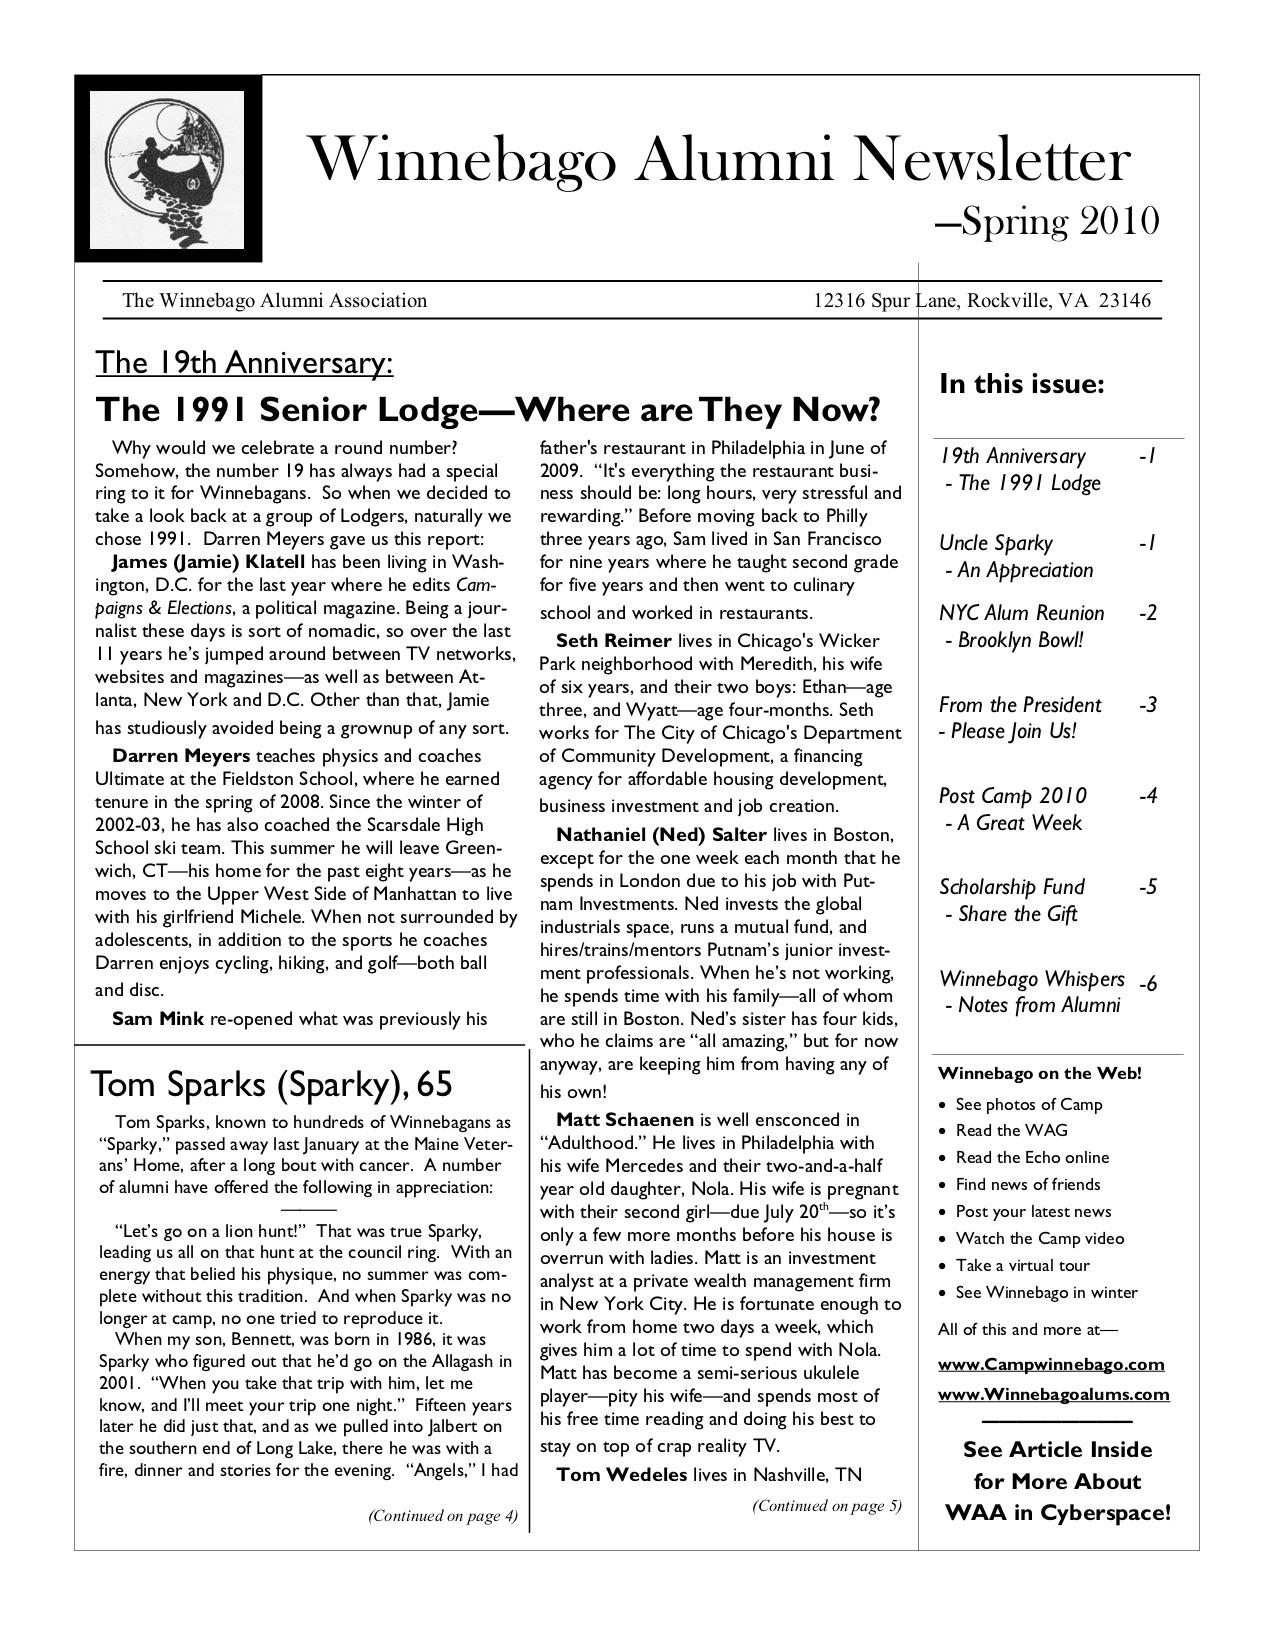 2010 Spring Newsletter.jpg